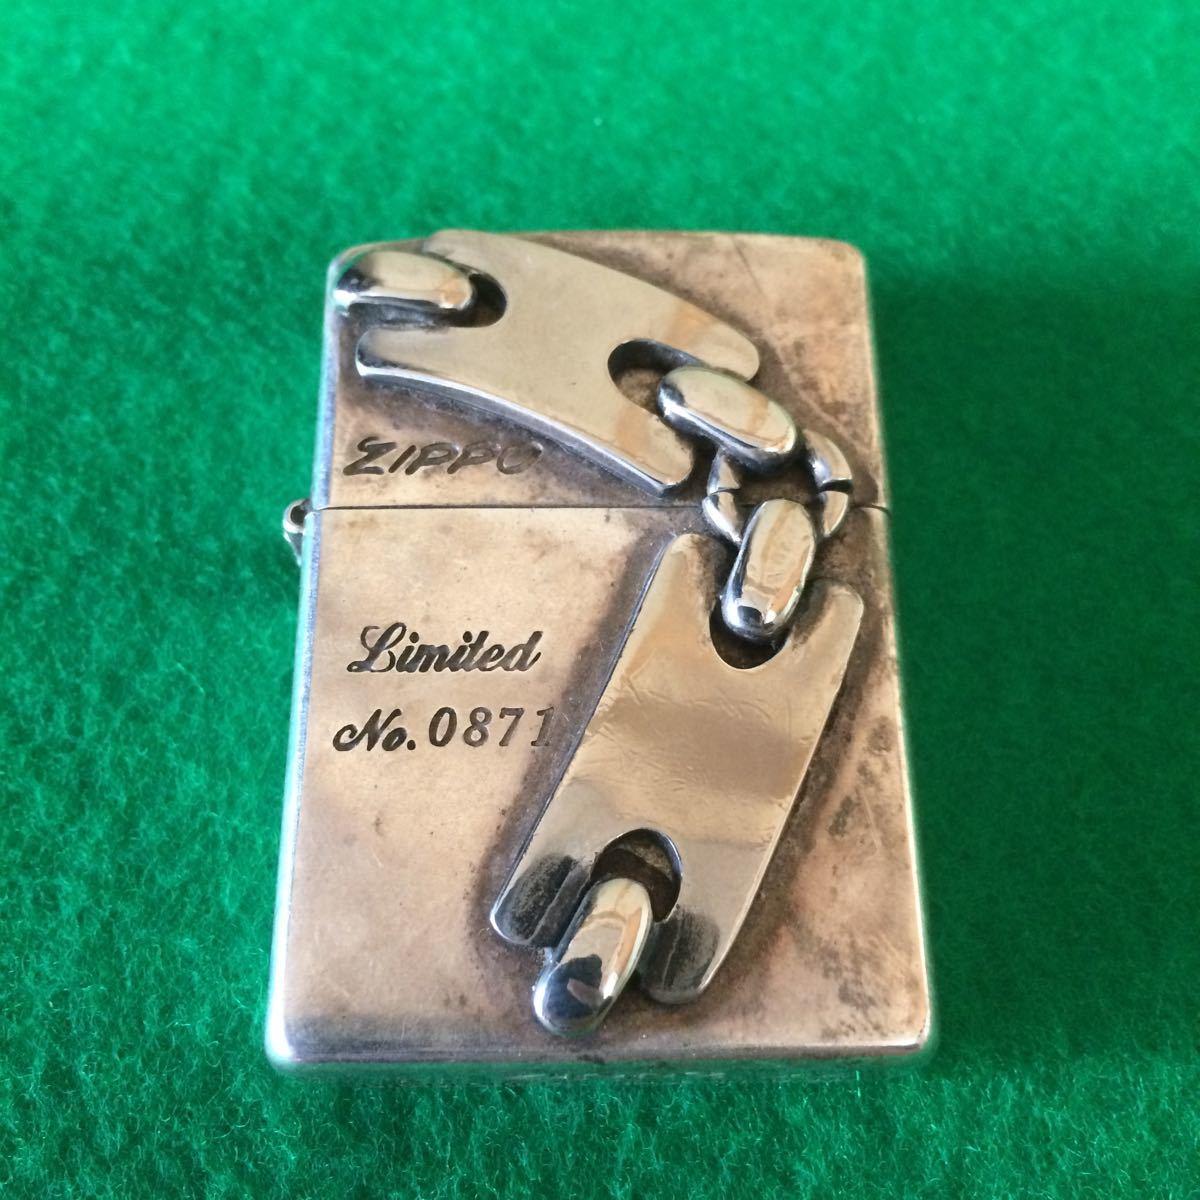 古い ビンテージ ZIPPO limited 古いジッポー ライター アンティーク コレクション レア リミテッド 希少品 NO.0871 (1)_画像1